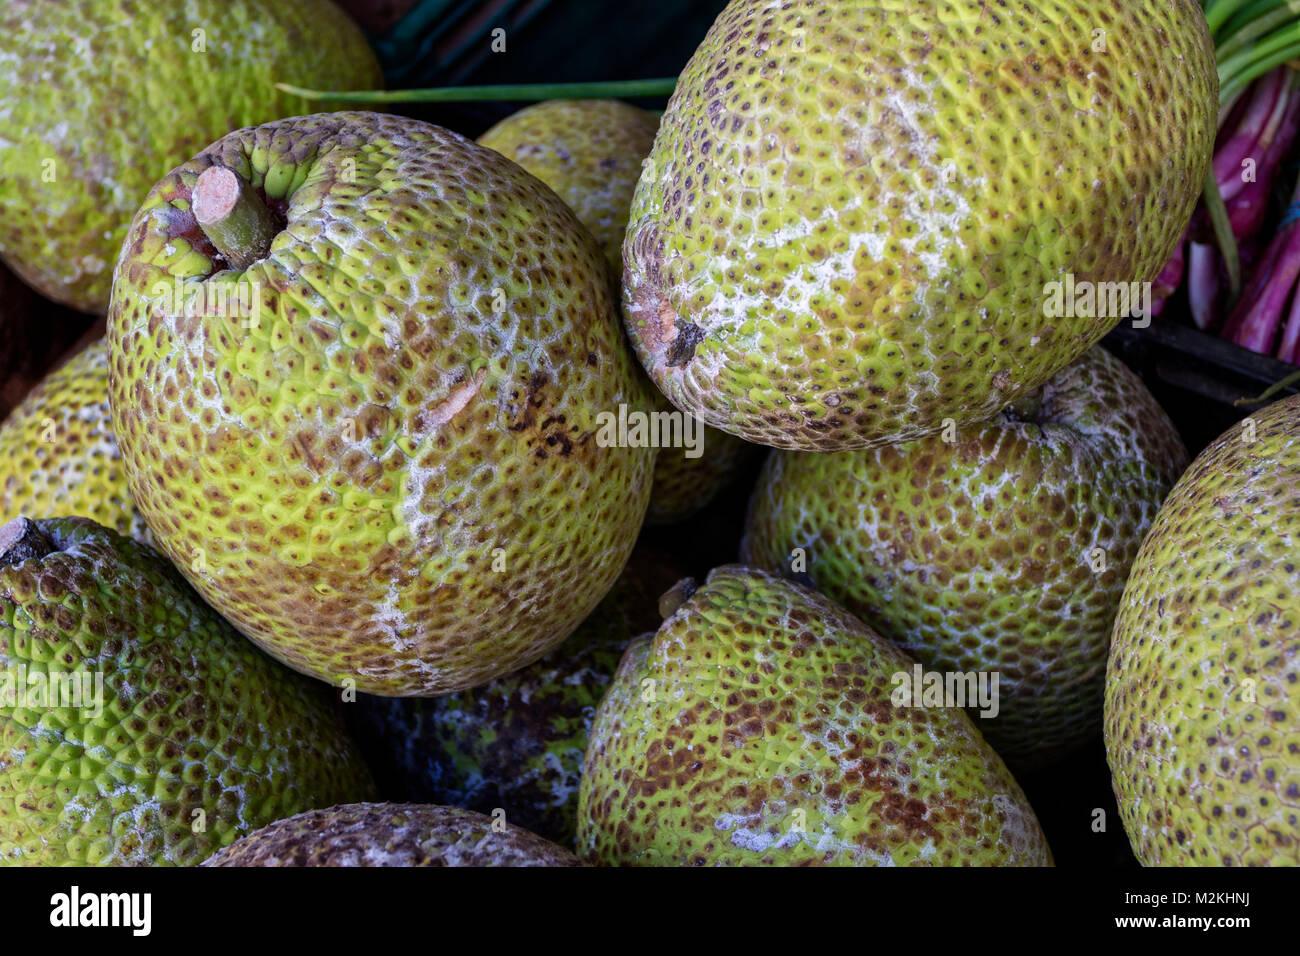 Jamaican breadfruit food photograph - Stock Image